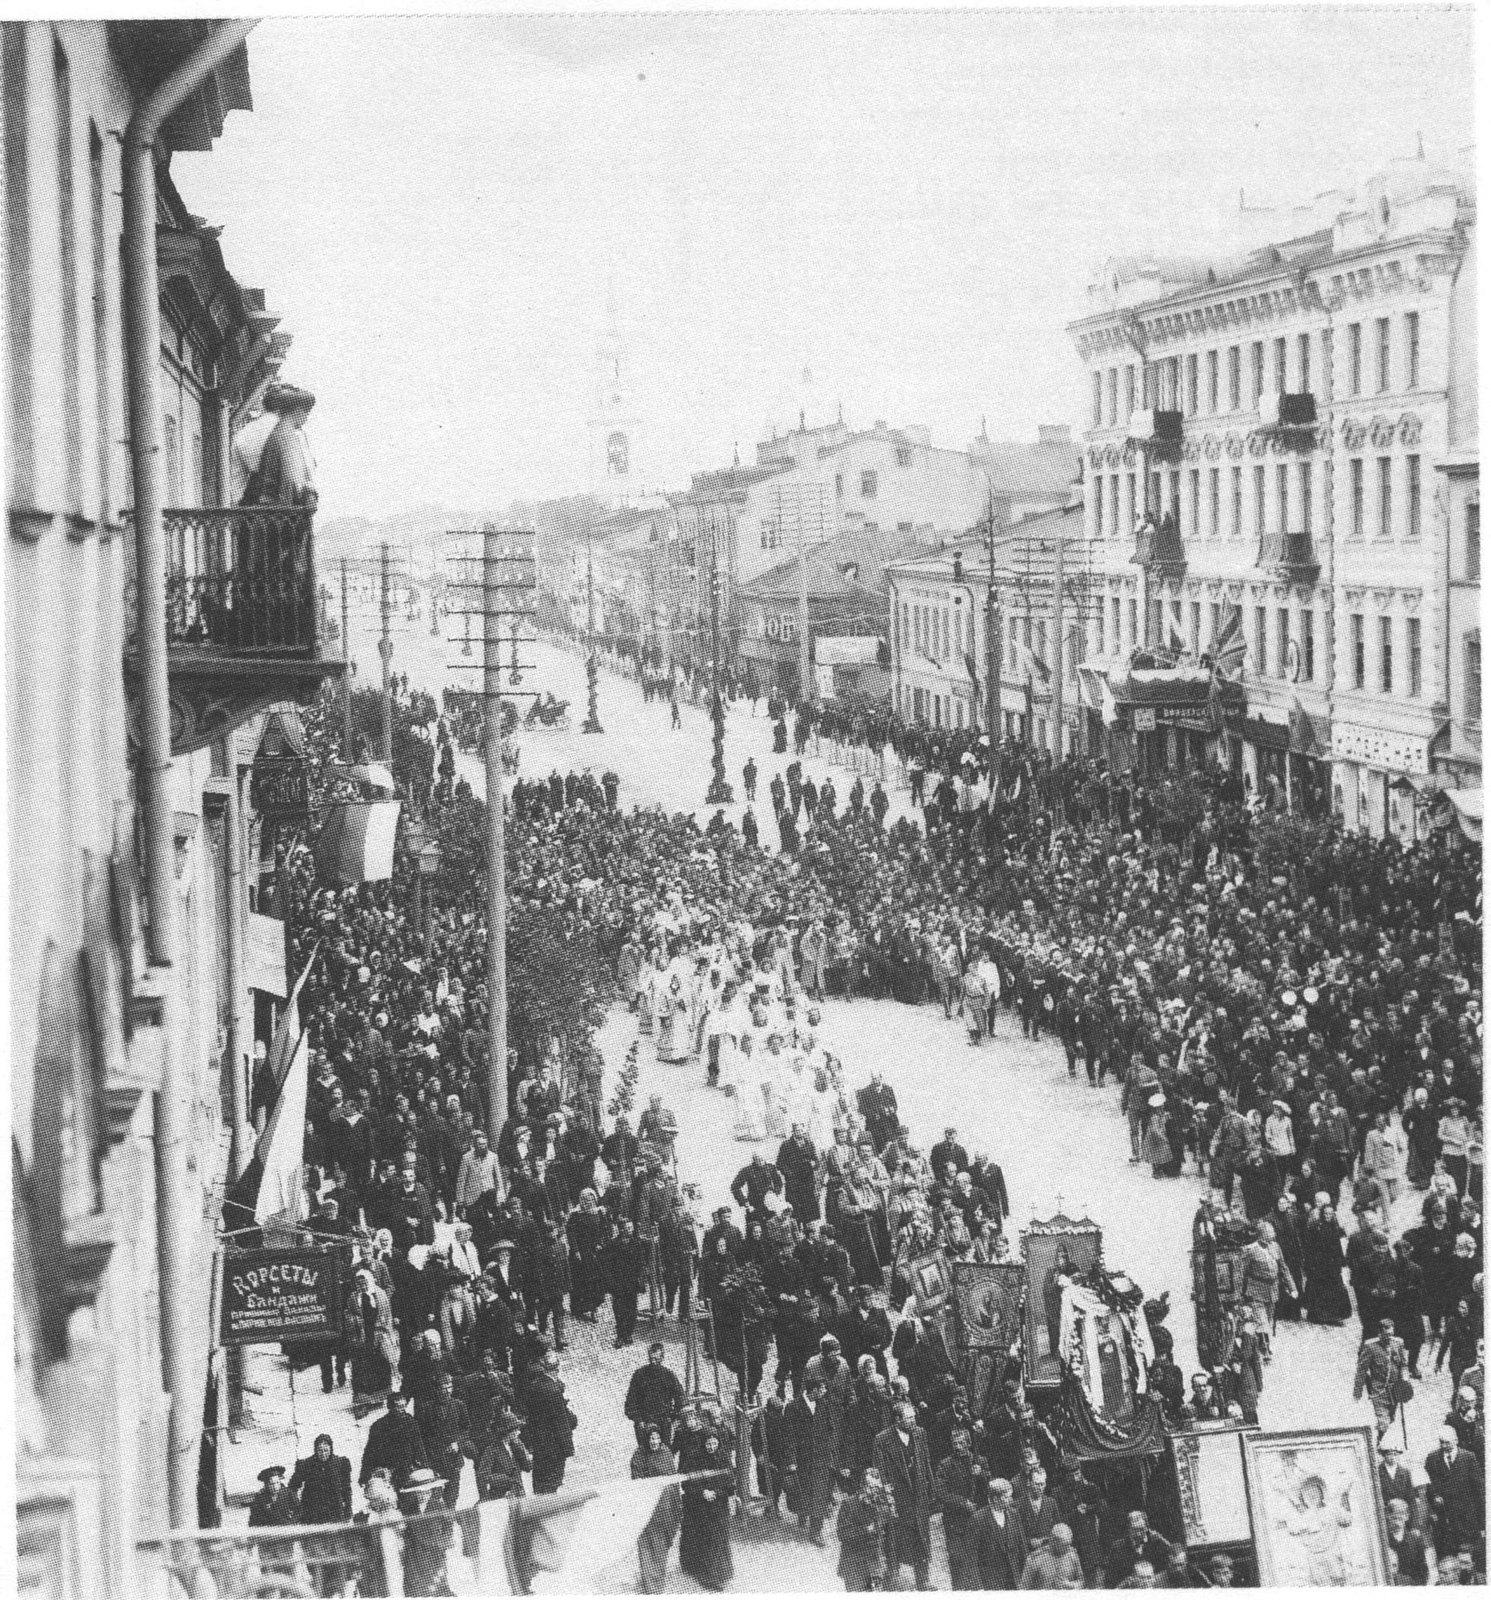 1906. Крестный ход в дни празднования 200-летия Кронштадта